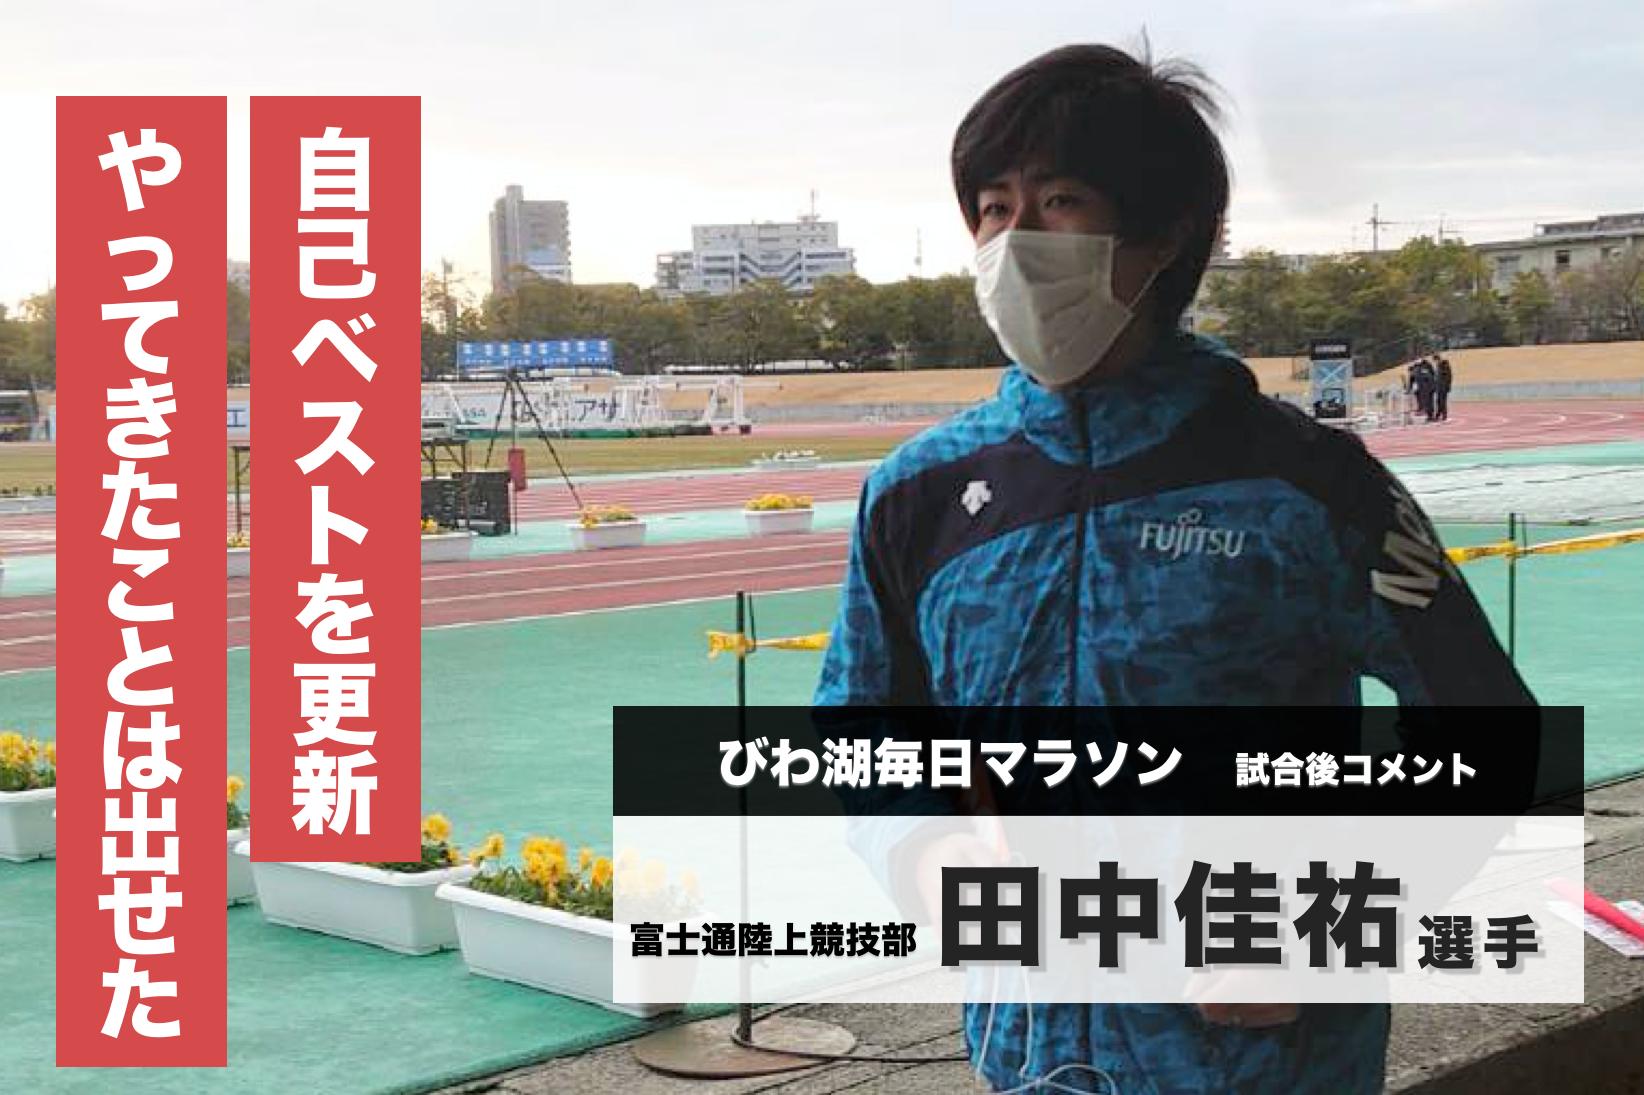 田中佳祐選手 試合後コメント…